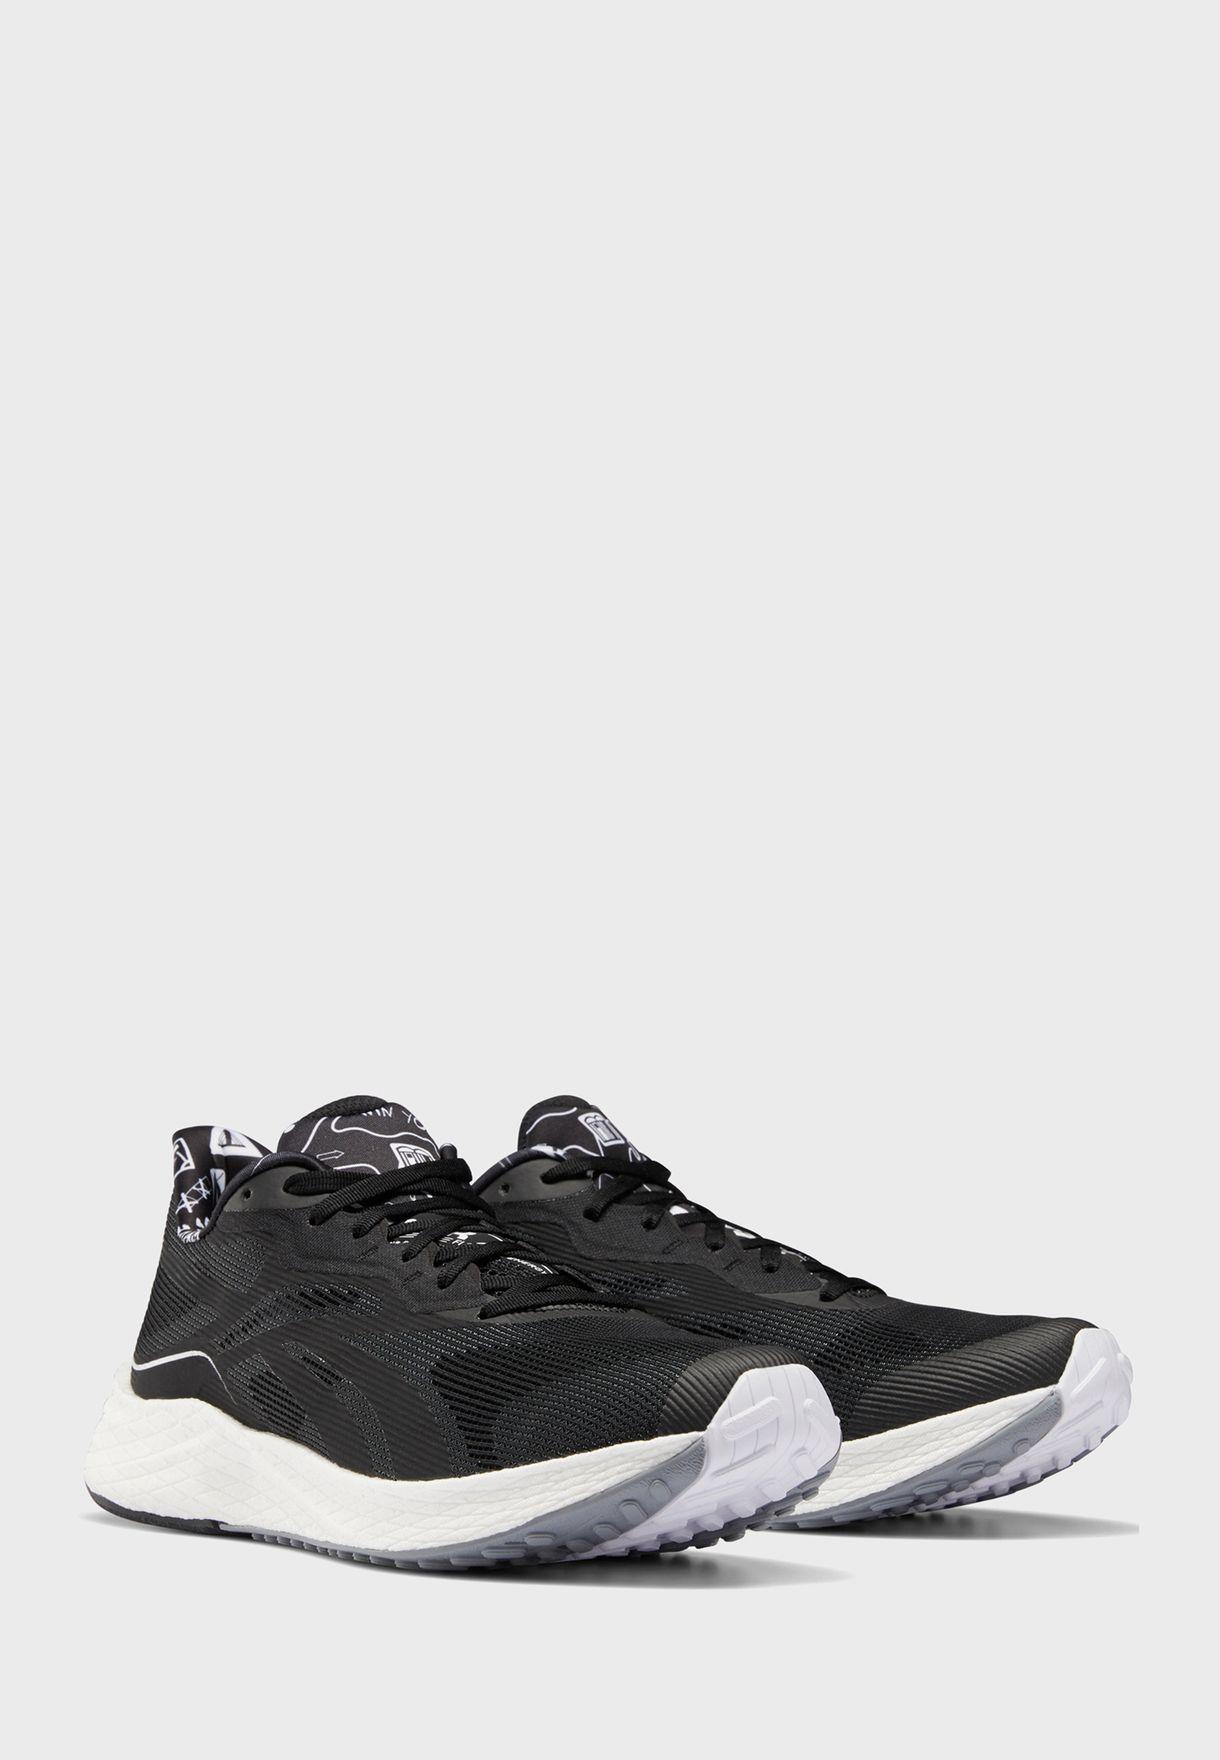 حذاء فلوترايد اينرجي 3